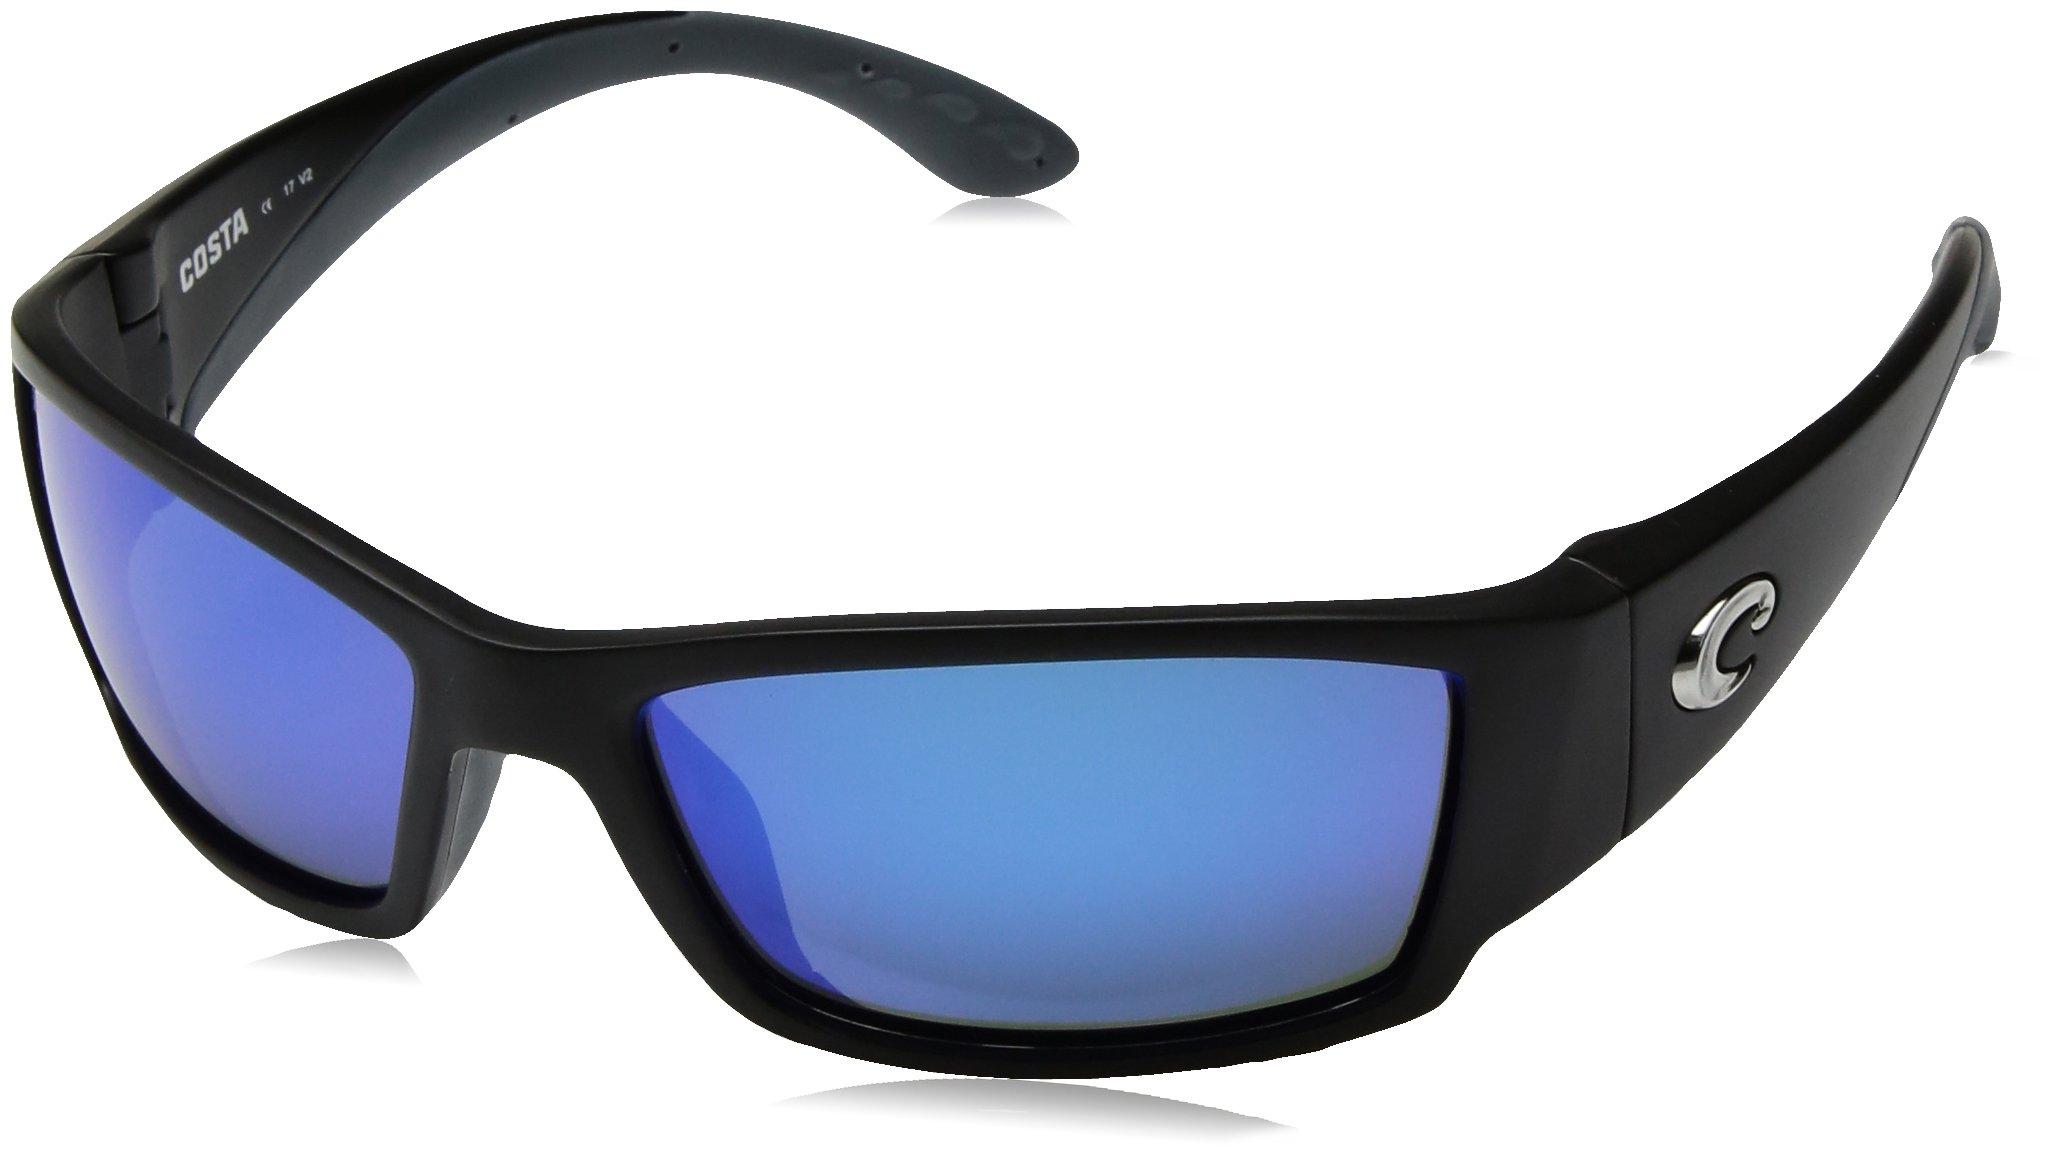 COSTA DEL MAR Corbina Polarized Wrap Sunglasses, Black, 61.2 mm by Costa Del Mar